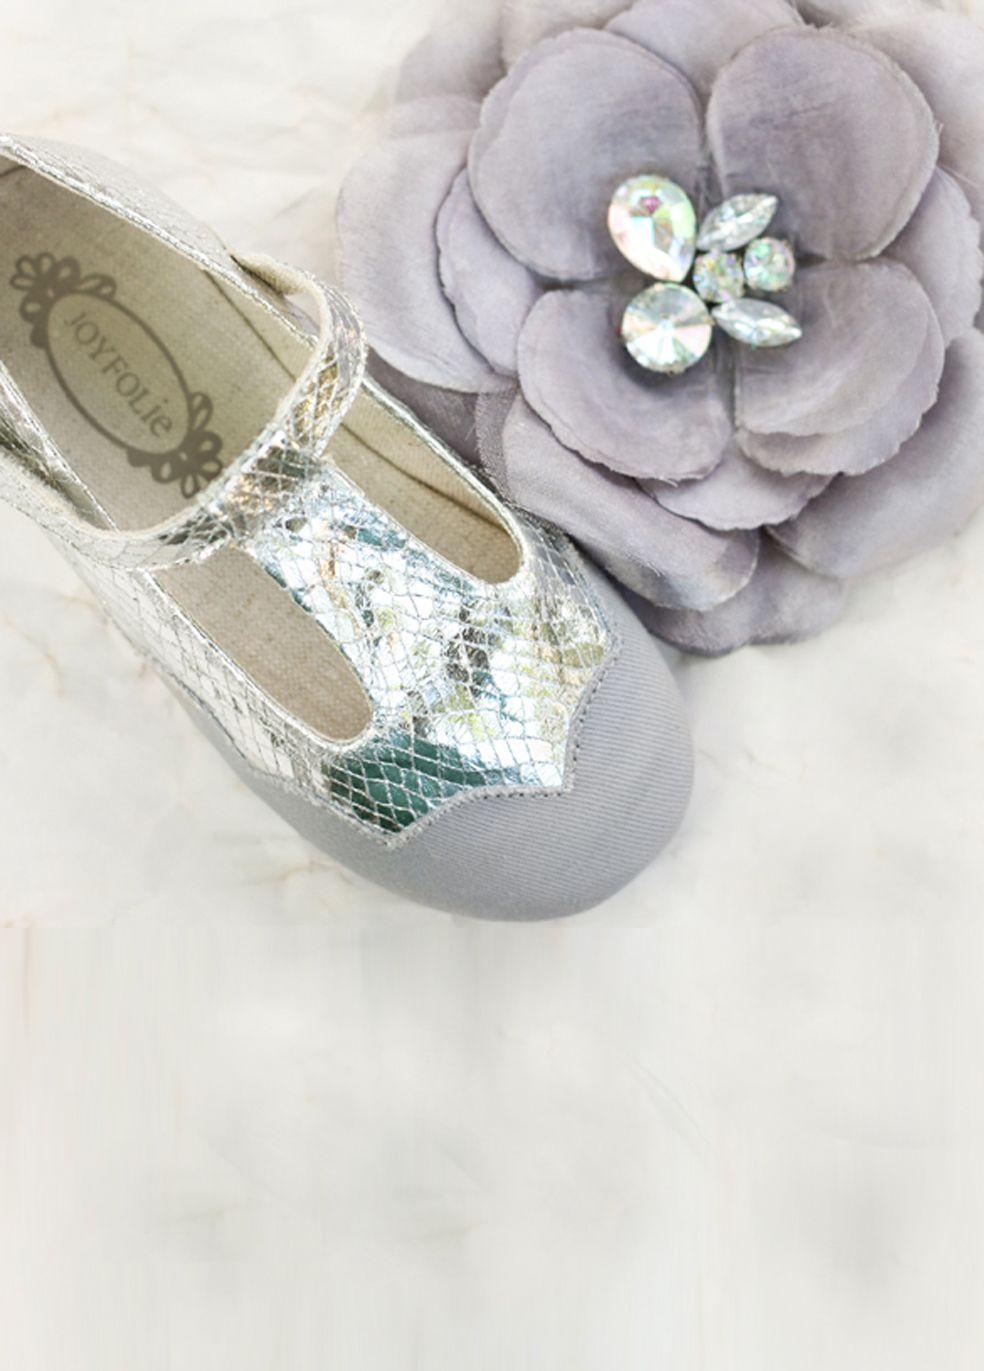 Designer childrens shoes by Joyfolie Luna Shoes for girls